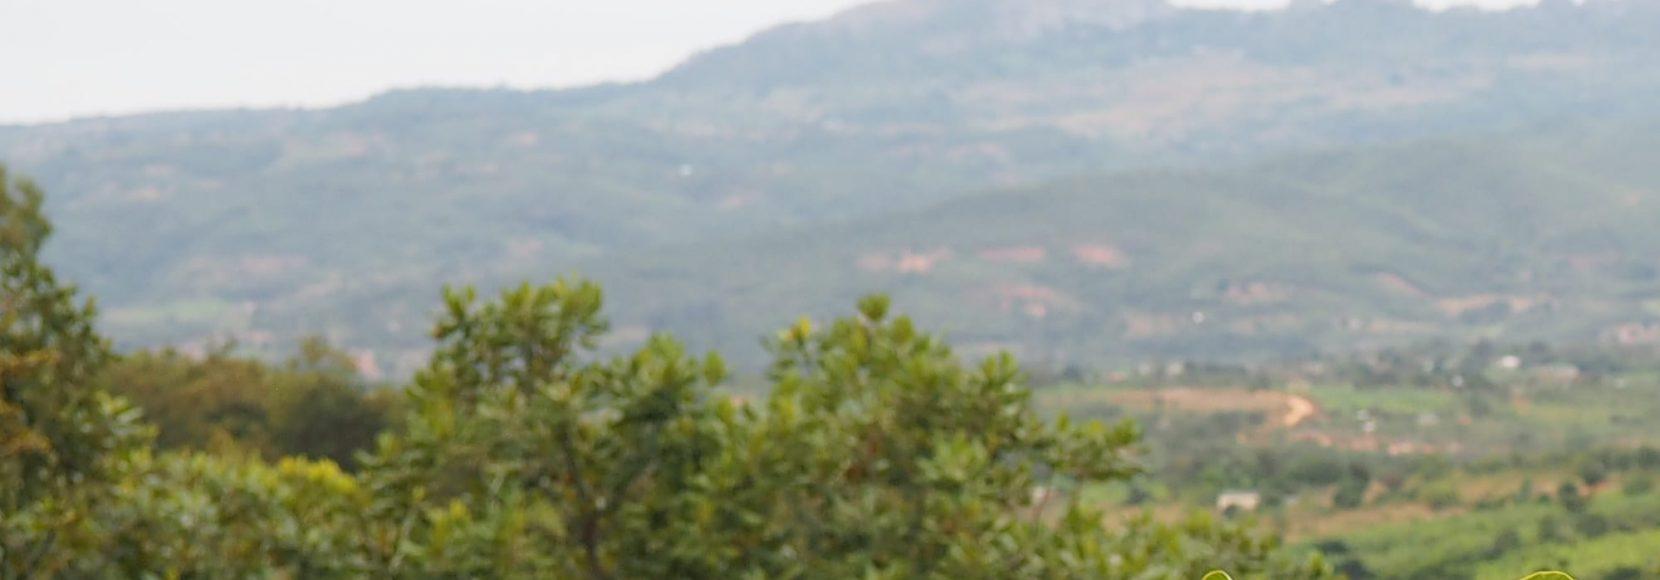 woman coffee farmer Zimbabwe